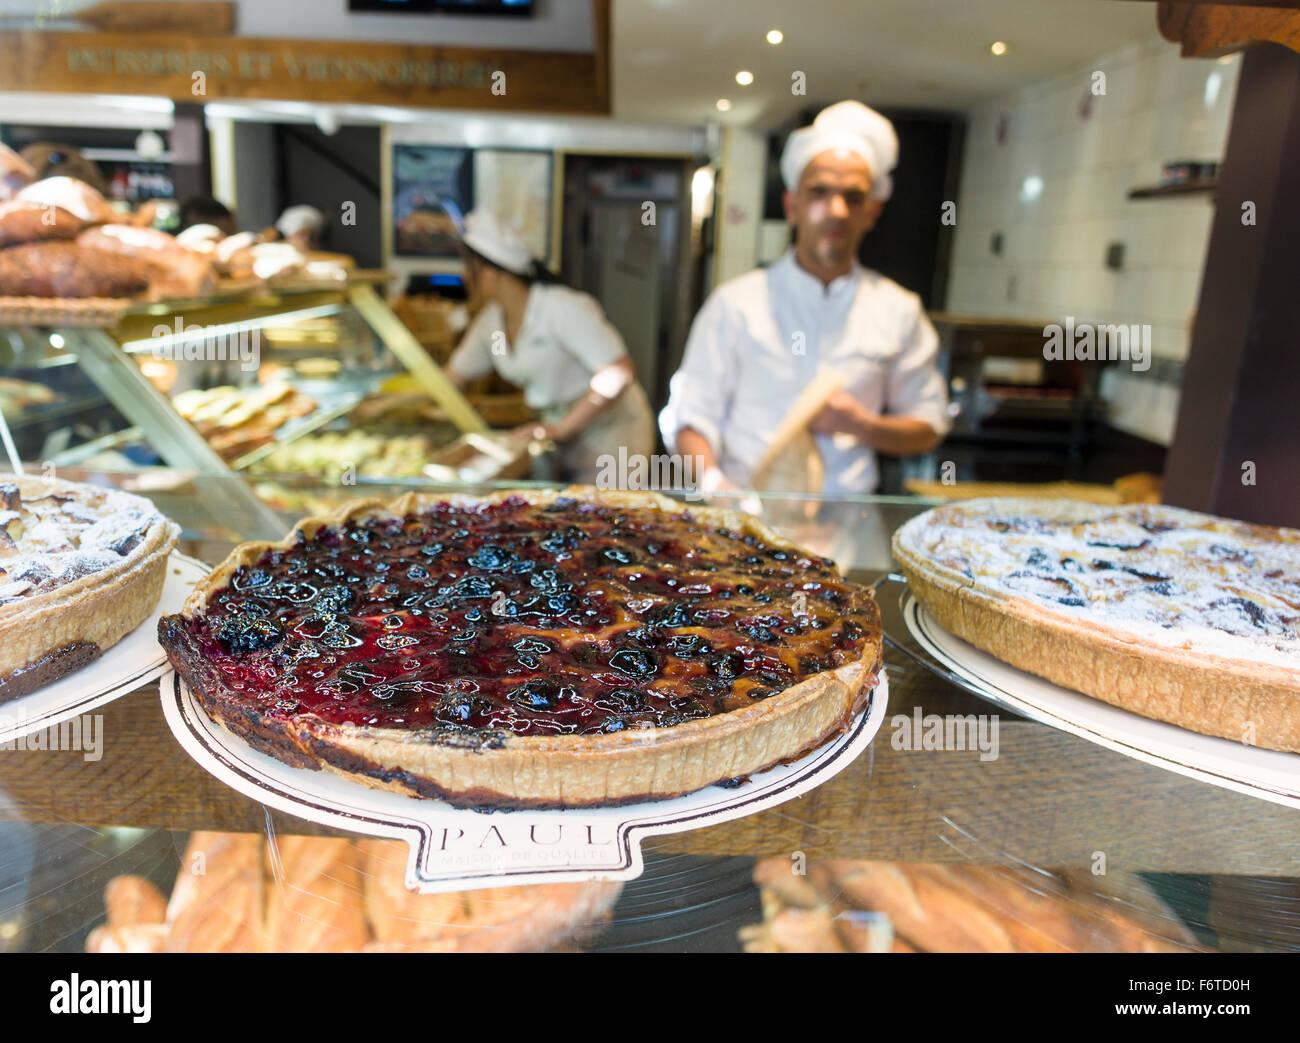 Fenster Paul flan im fenster paul bäckerei eine gut gekocht frucht flan gnaden